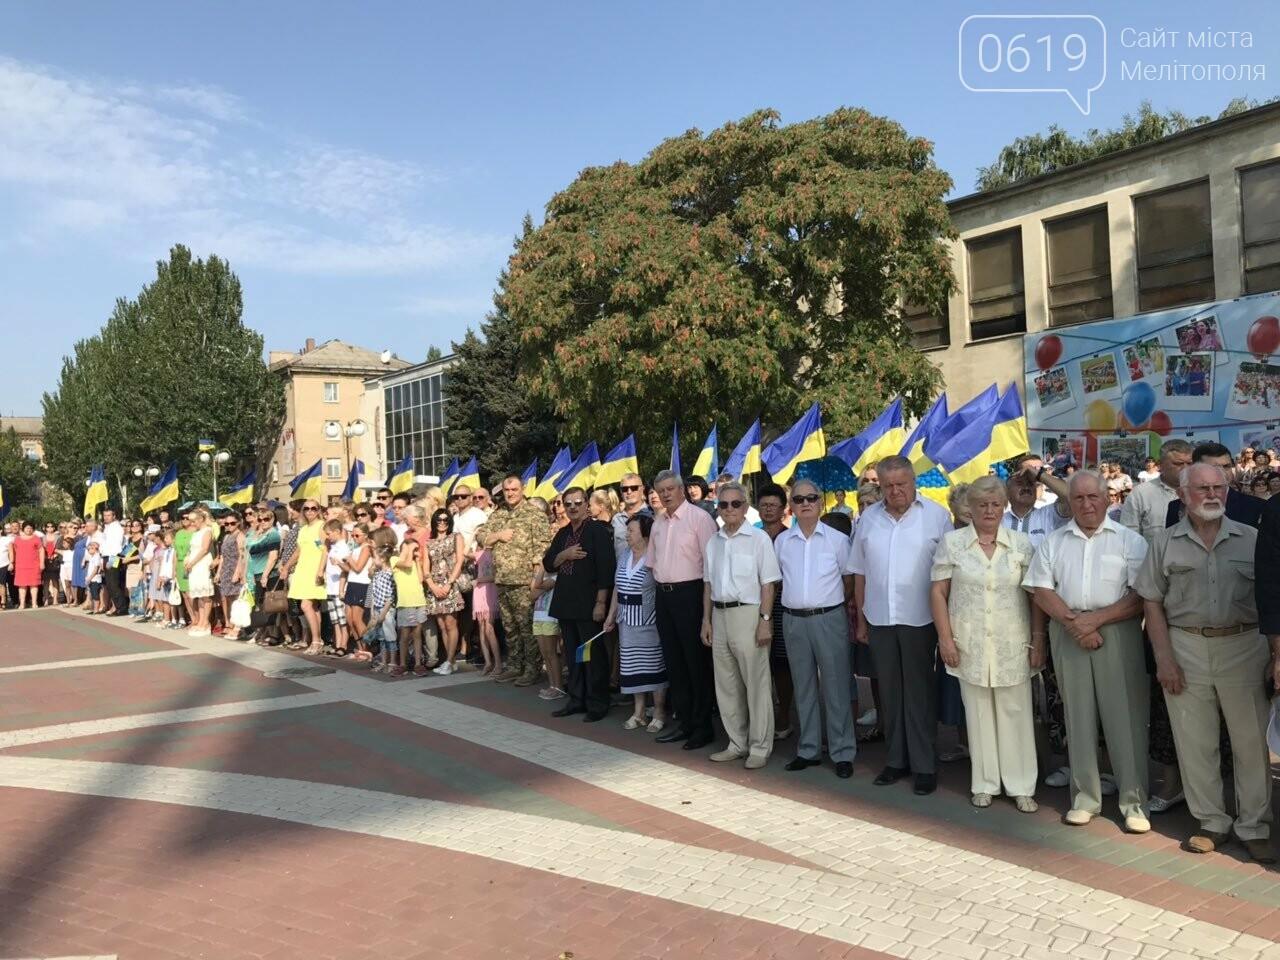 Мелитопольцы отметили День Государственного флага Украины, фото-17